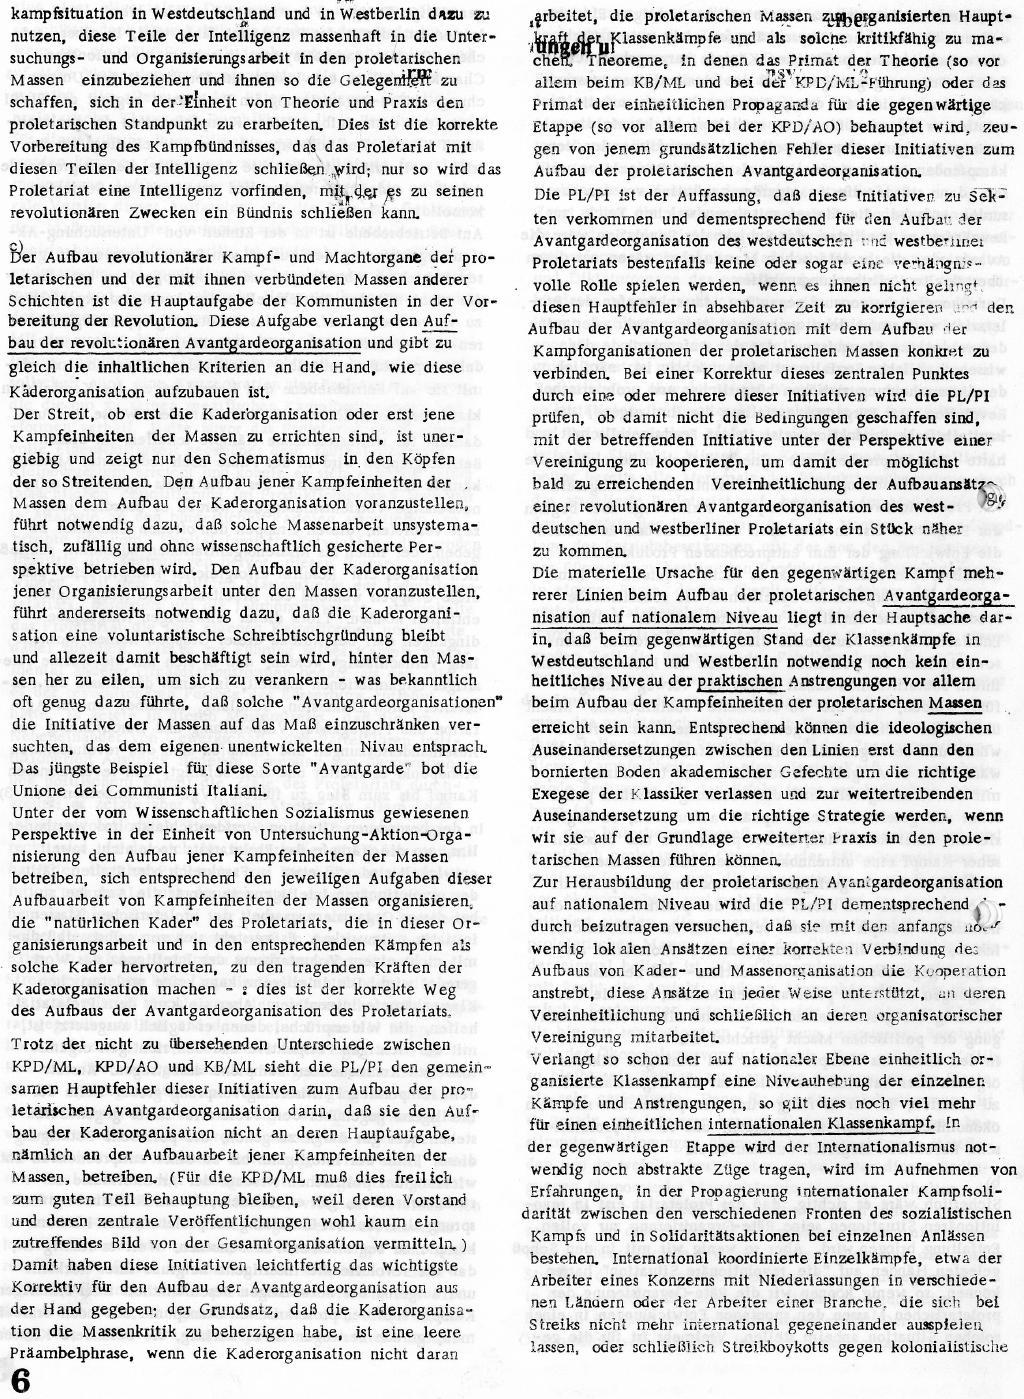 RPK_1970_074_075_06